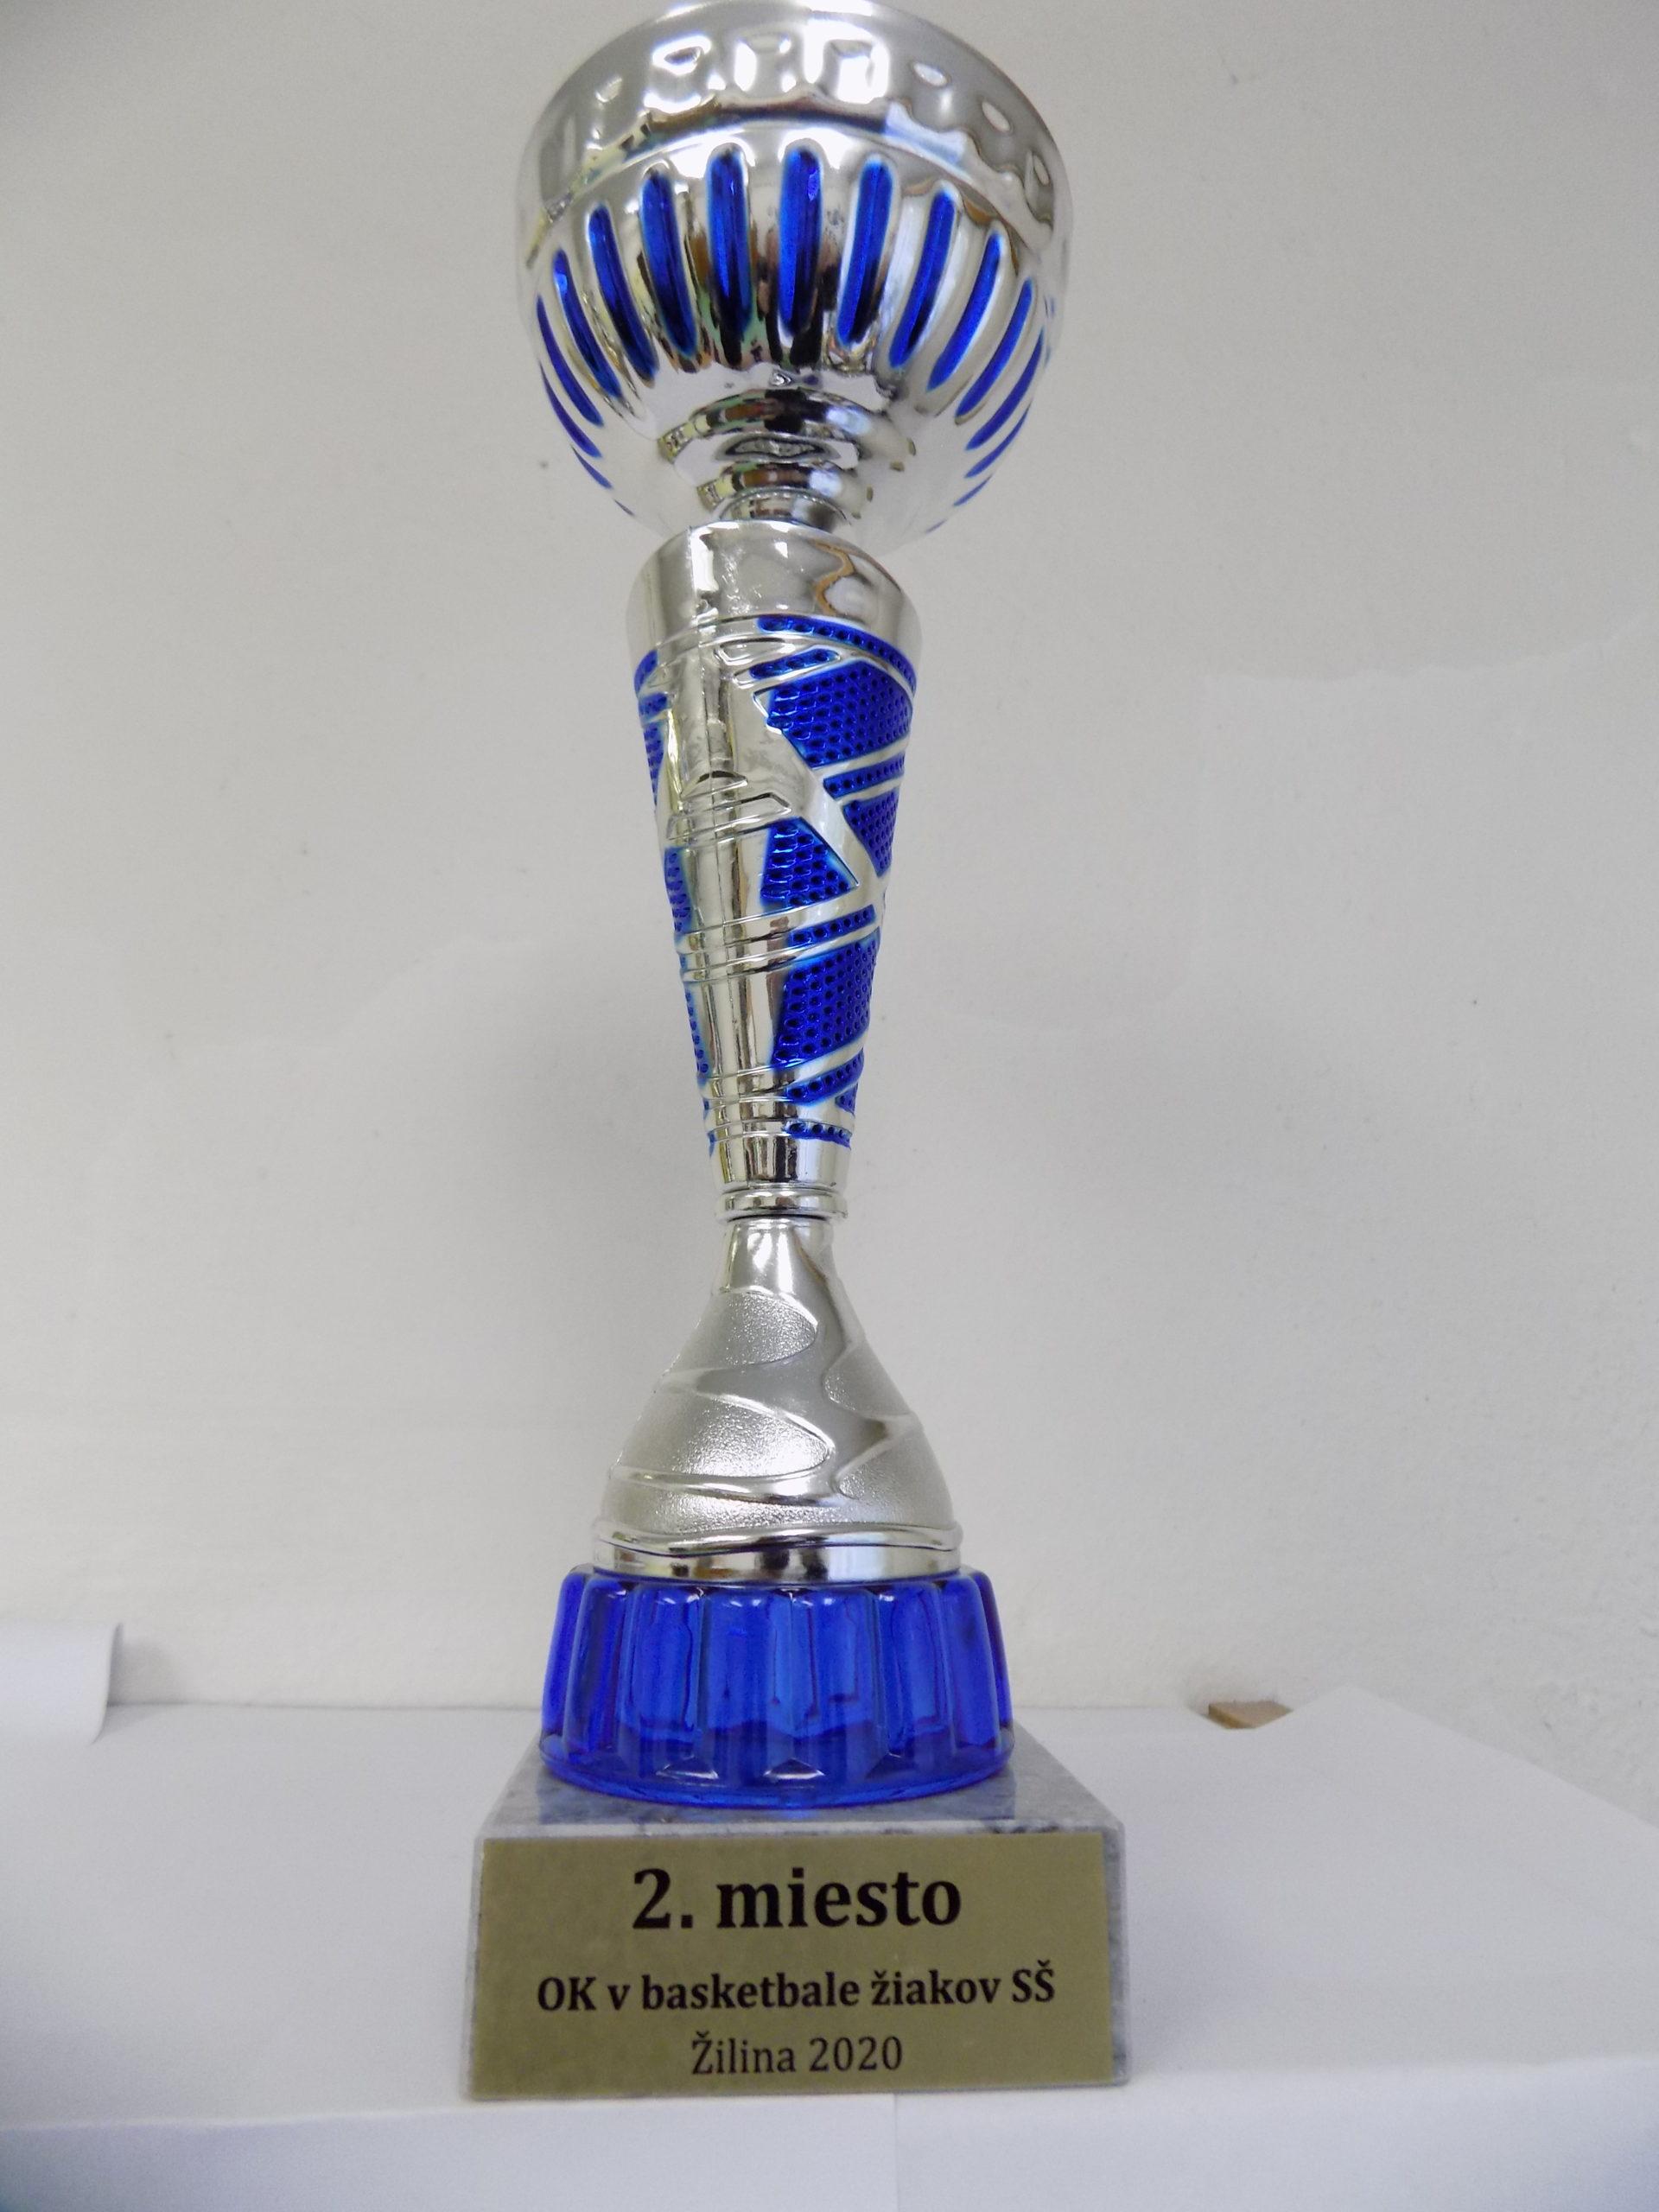 Majstrovstvá okresu v basketbale žiakov SŠ